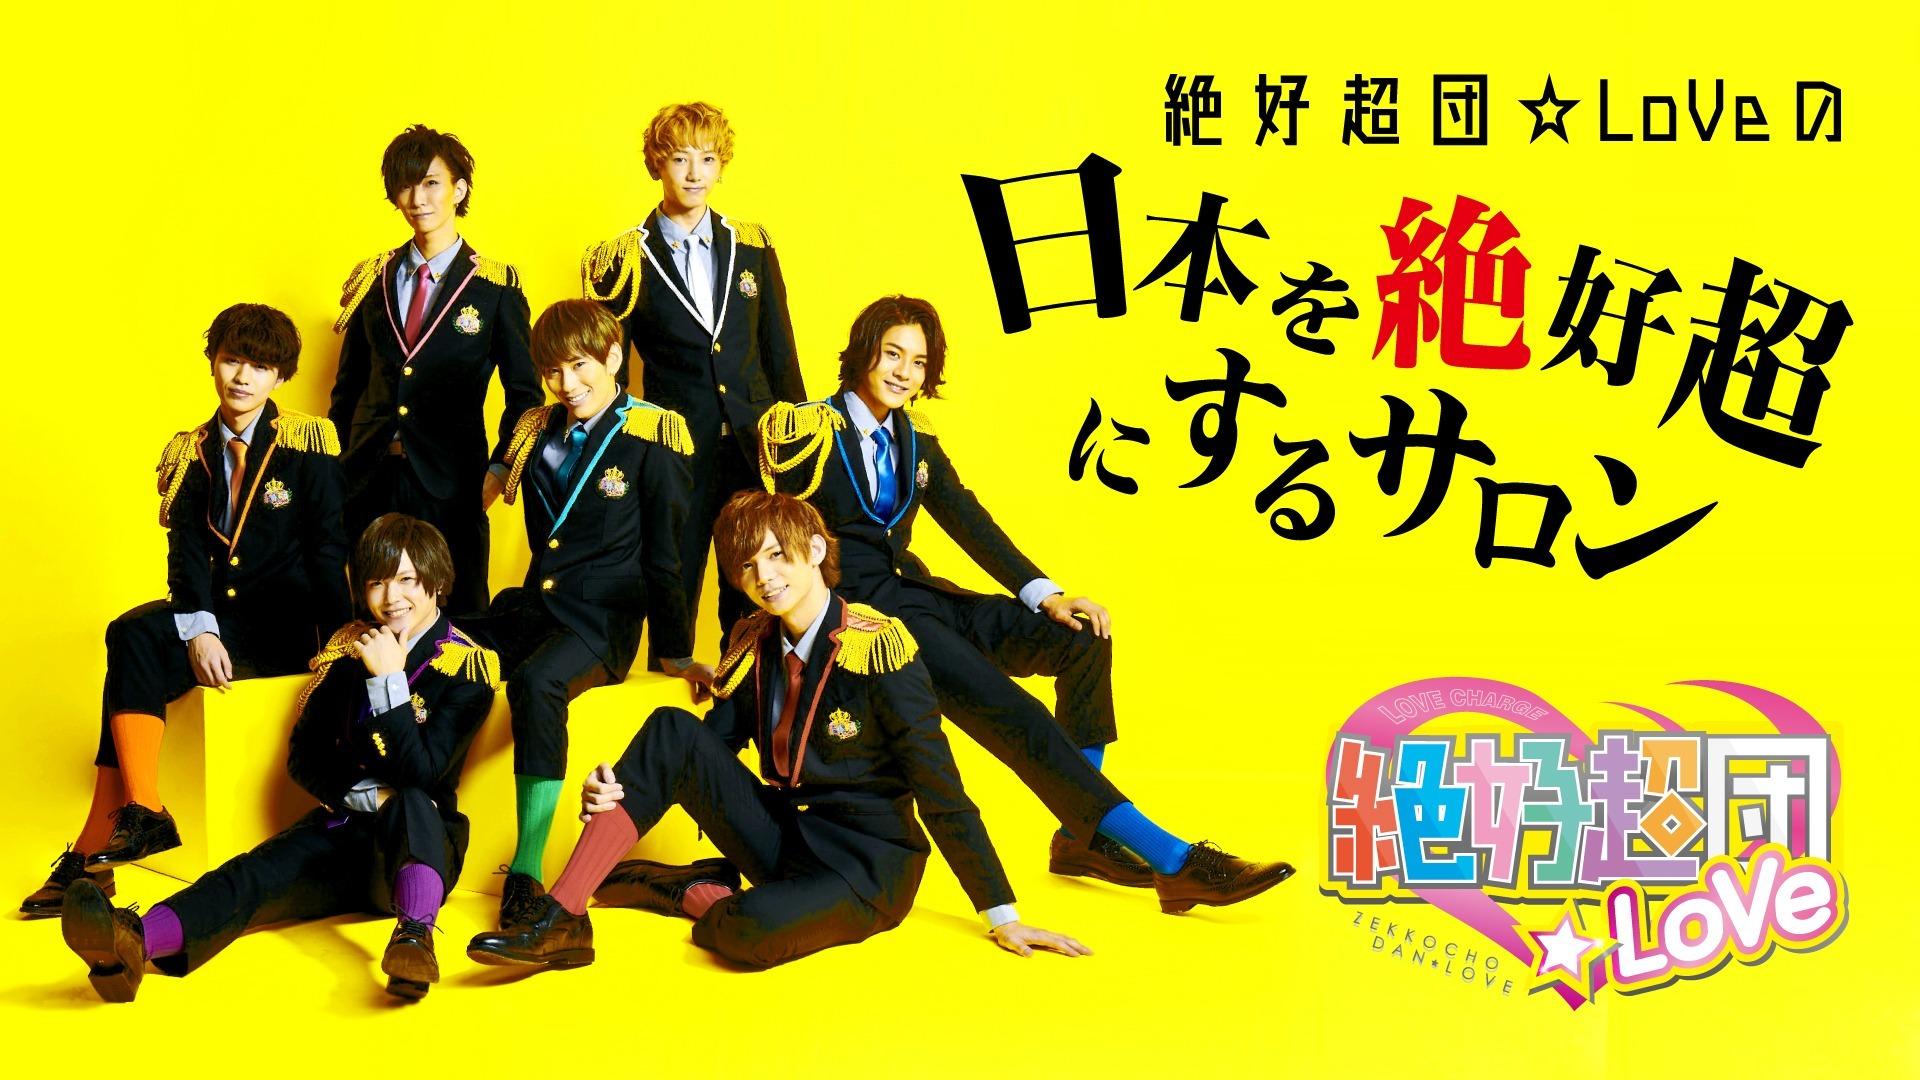 「絶好超団☆LoVe」の日本を絶好超にするサロン